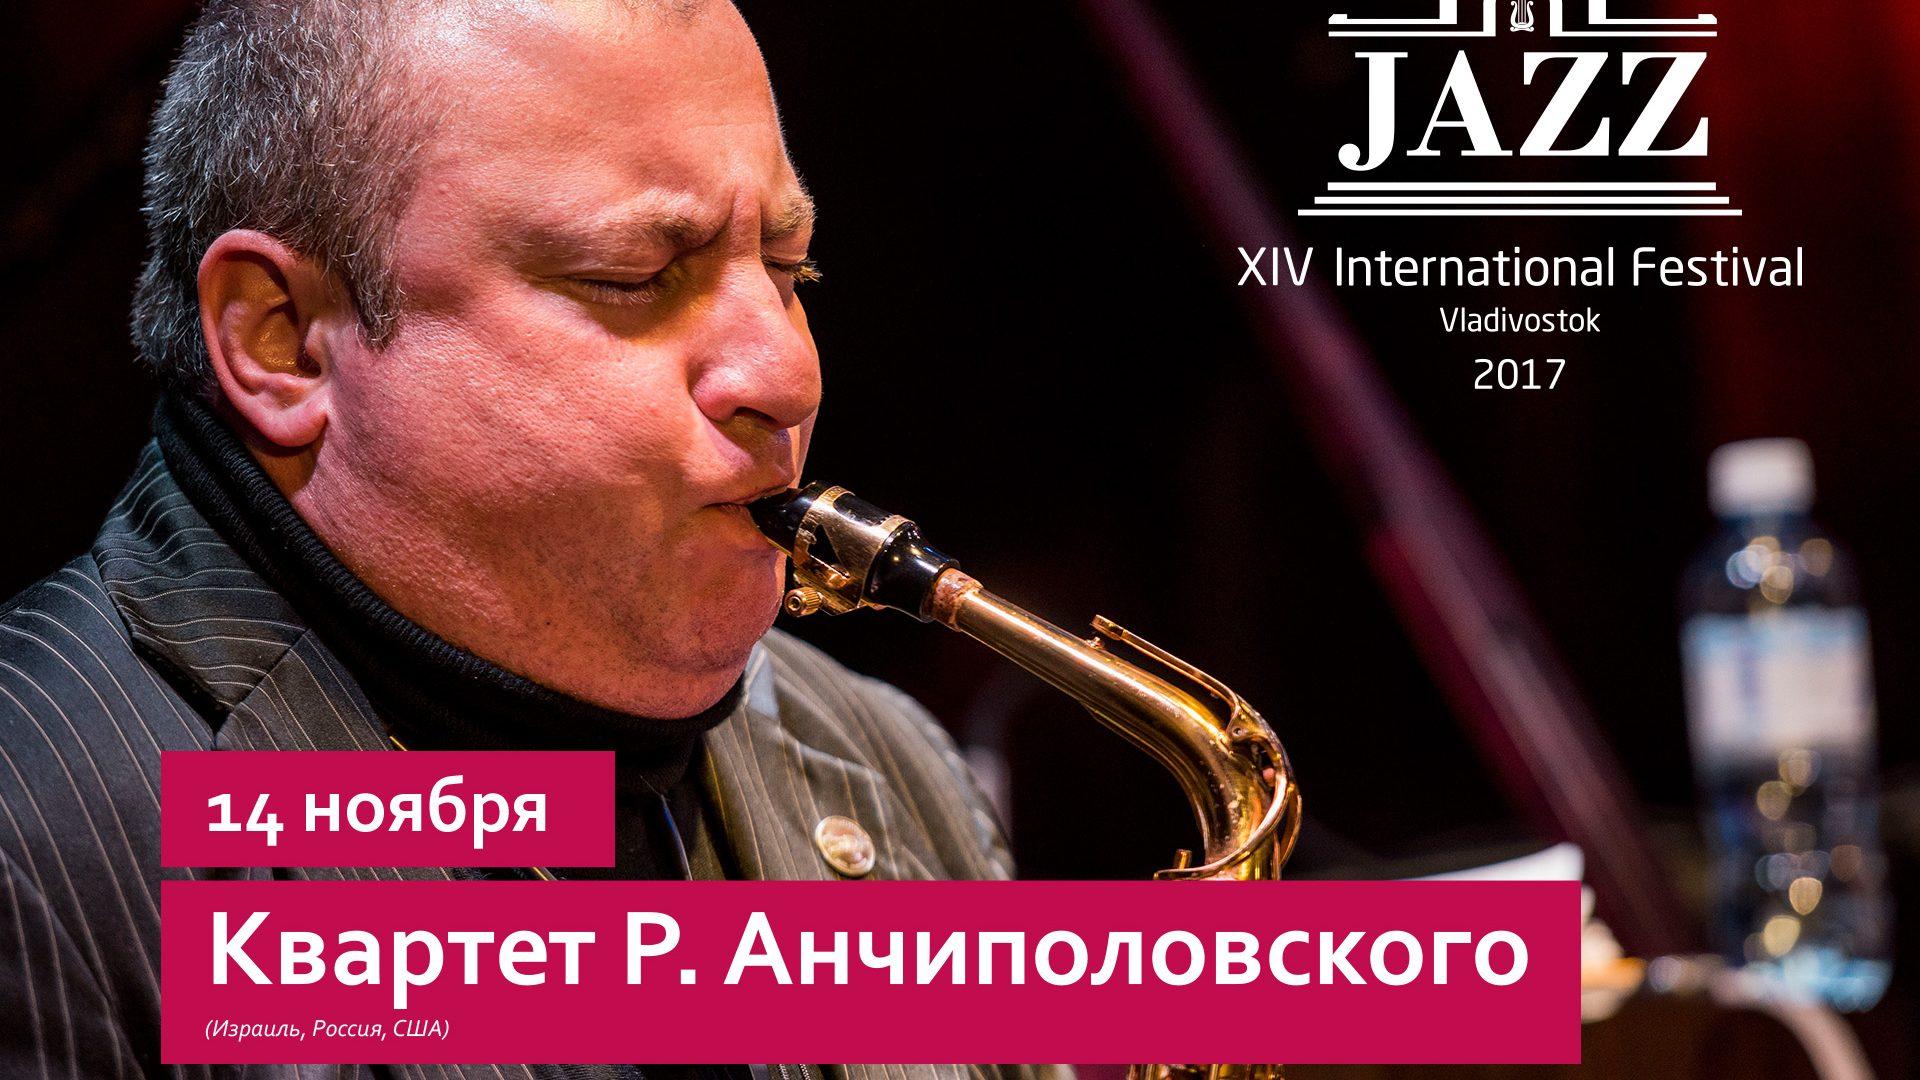 14 ноября / Большой зал / 19:00 Квартет Р. Анчиполовского